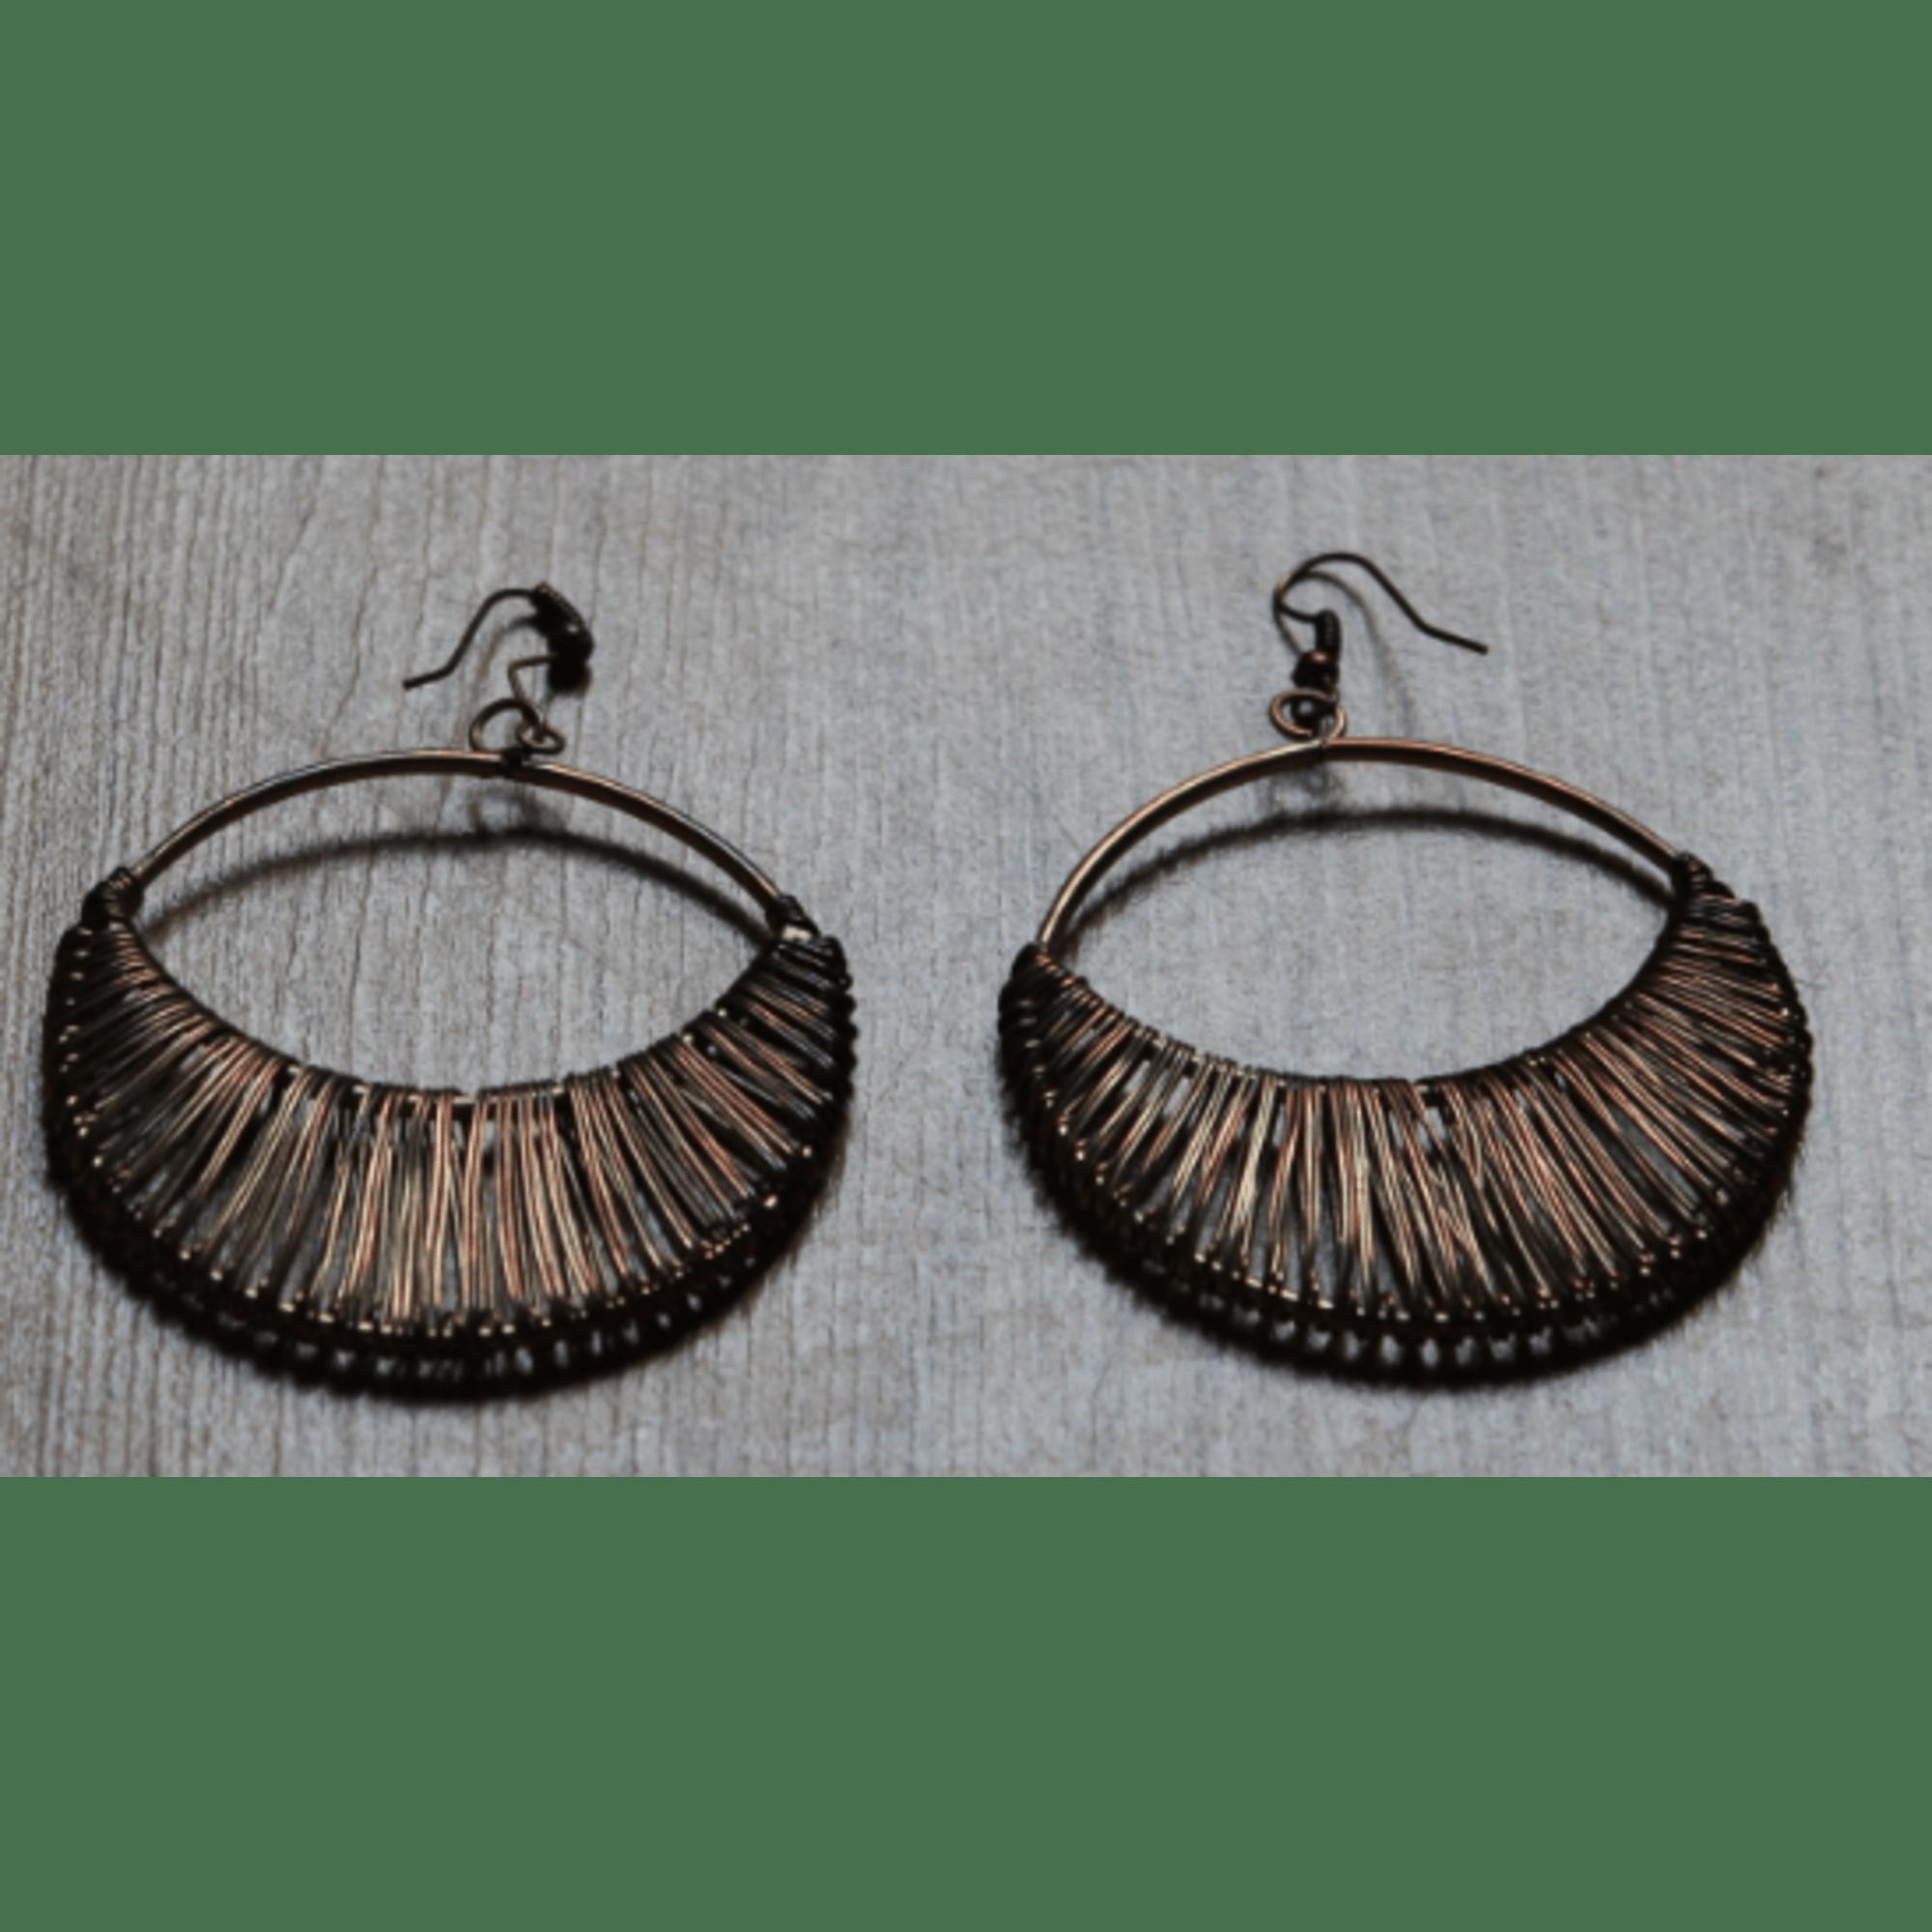 Boucles d'oreille TOPSHOP plaqué or doré